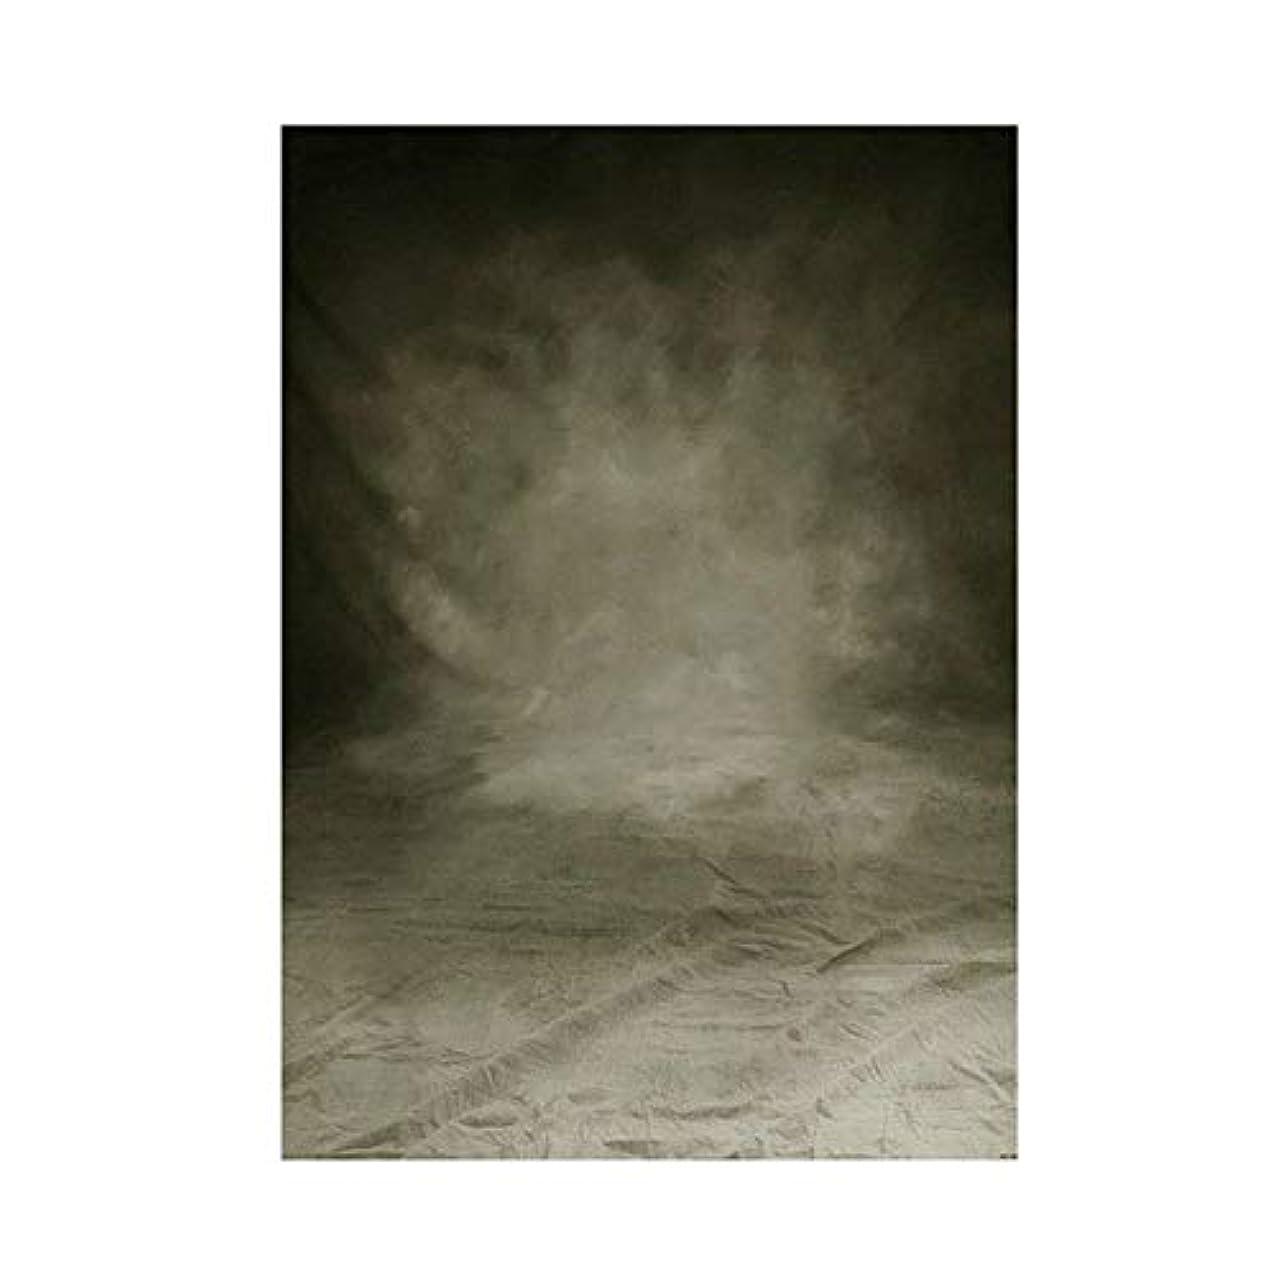 アラブ人モチーフラジエーターTumdem 150x300cm写真スタジオヴィンテージグレー背景反射面折り畳み式写真背景布なしのシームレスな表面